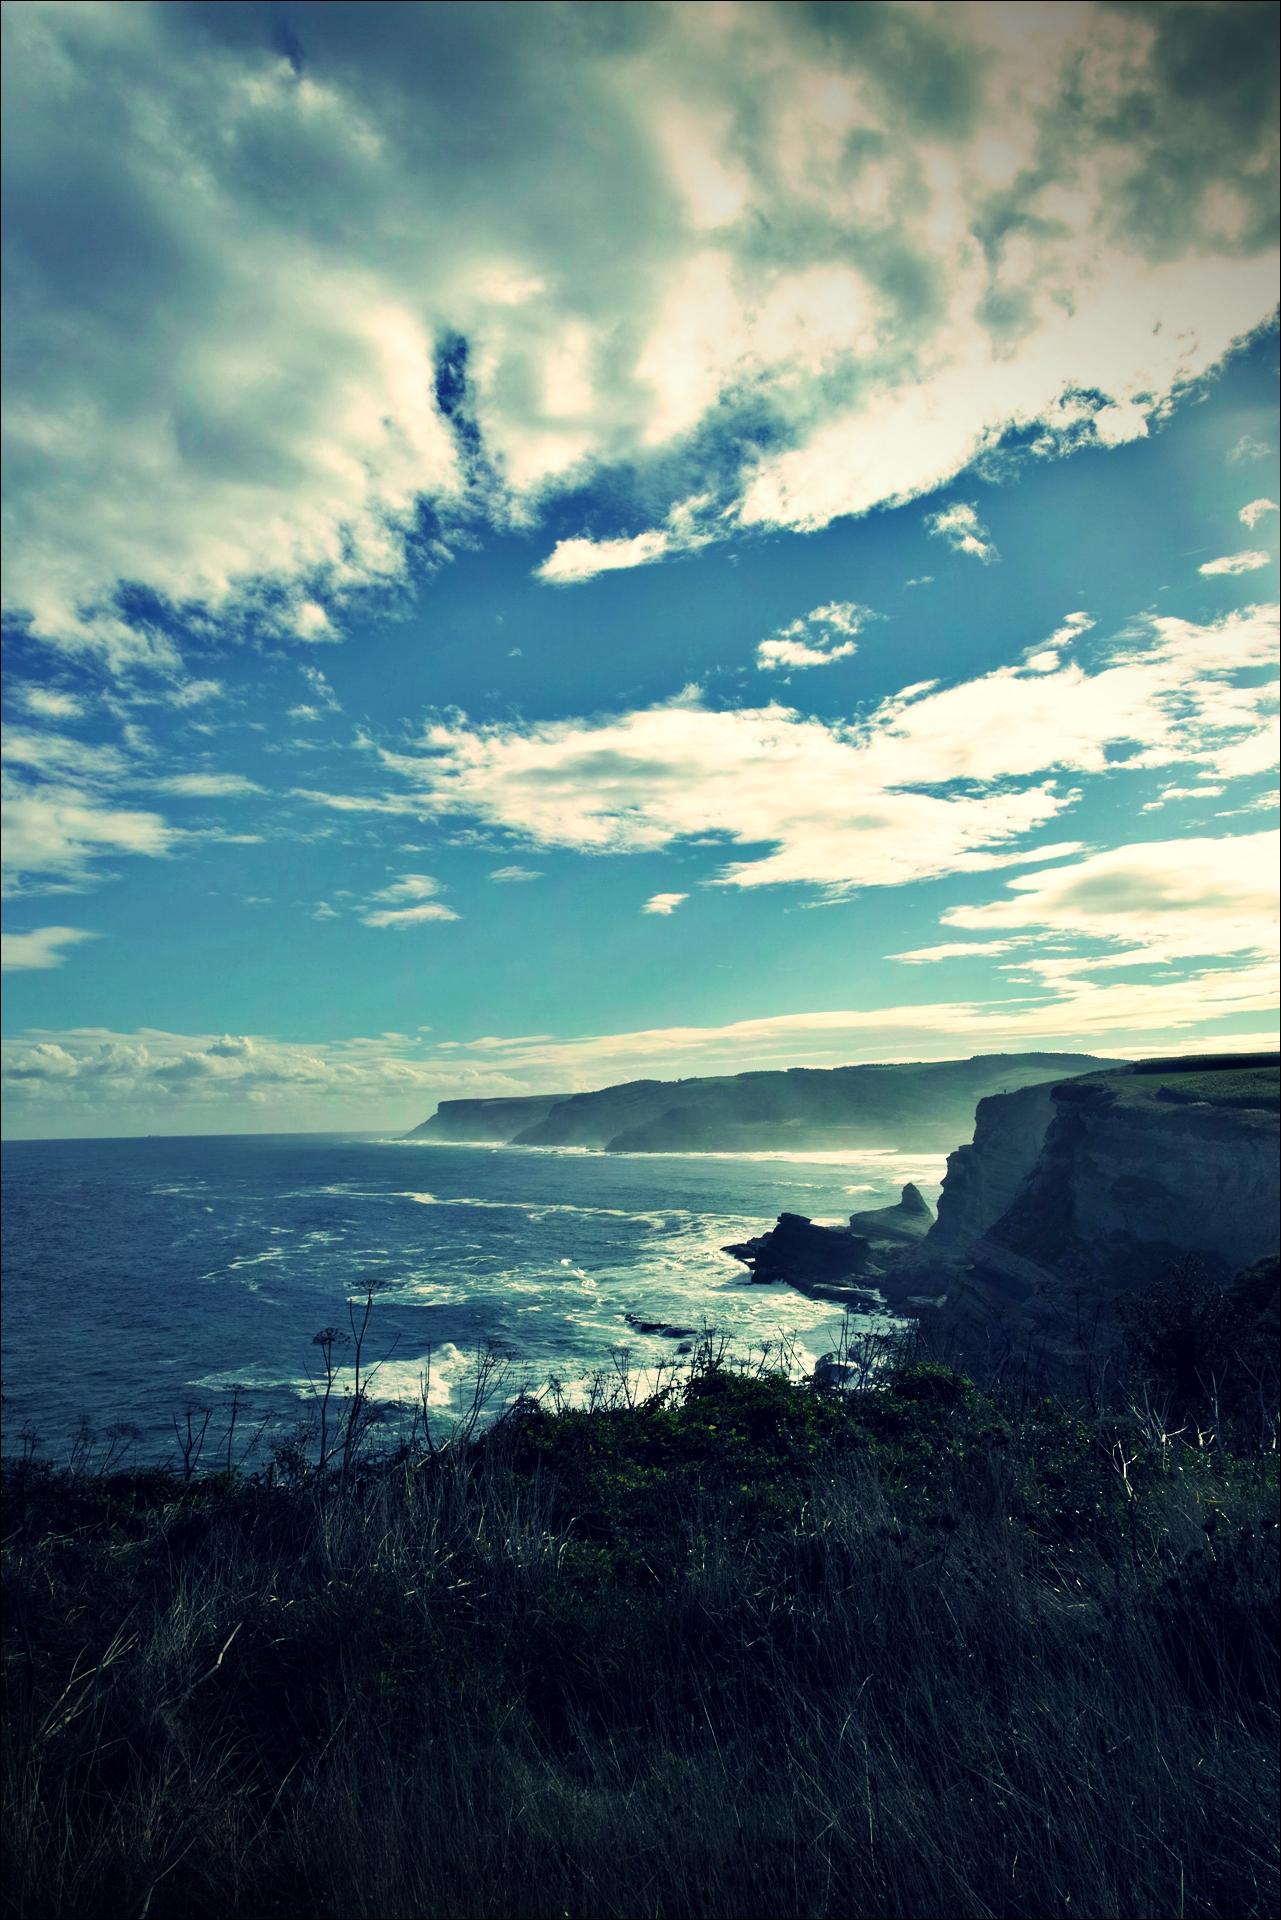 대자연-'카미노 데 산티아고 북쪽길. 궤메스에서 산탄데르. (Camino del Norte - Güemes to Santander)'